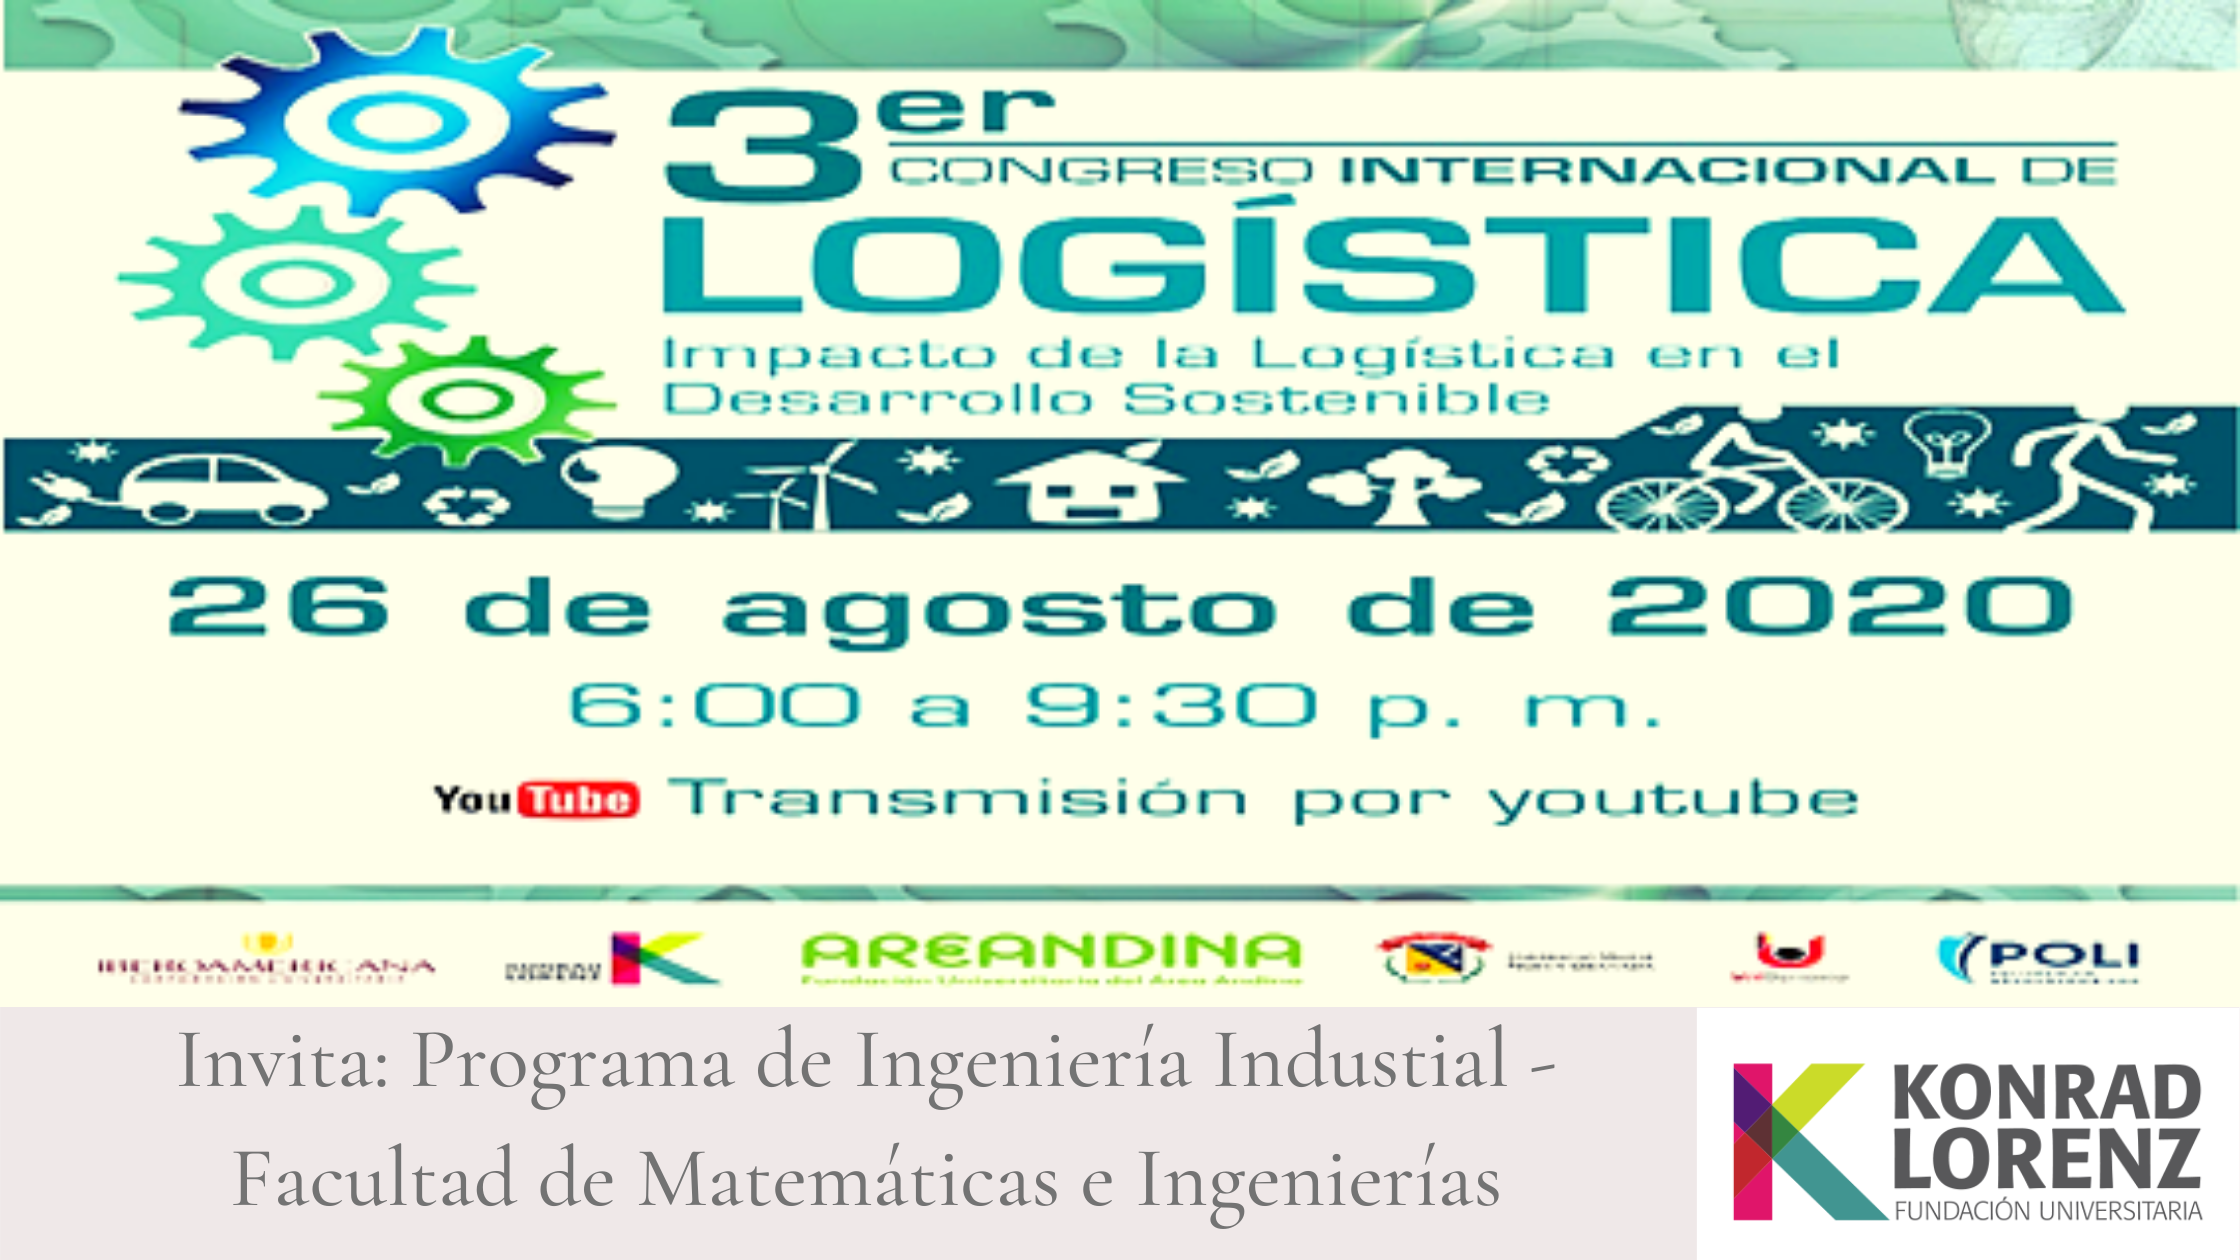 Tercer Congreso Internacional de Logística, un compromiso con el Desarrollo Sostenible